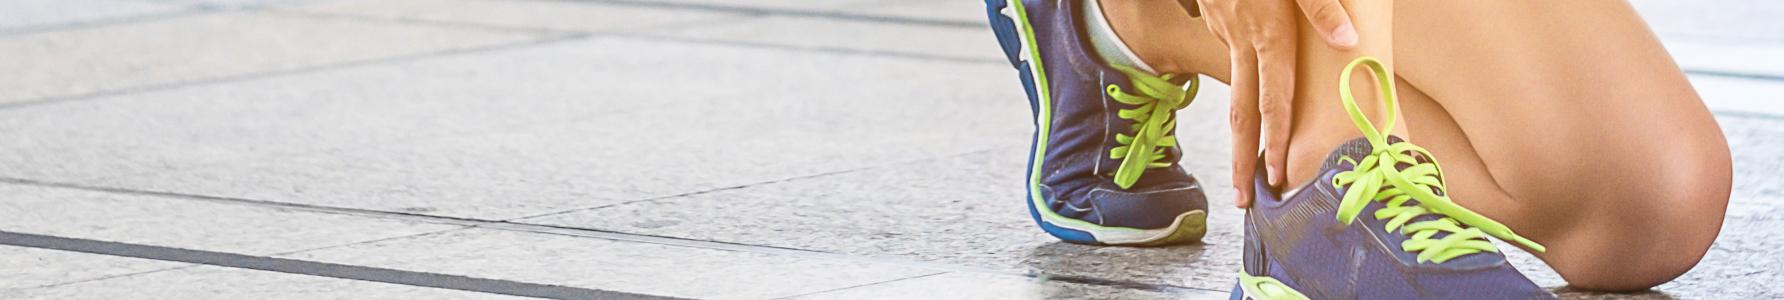 Objawy skręcenia kostki - kobieta po treningu trzymająca się za bolącą kostkę.